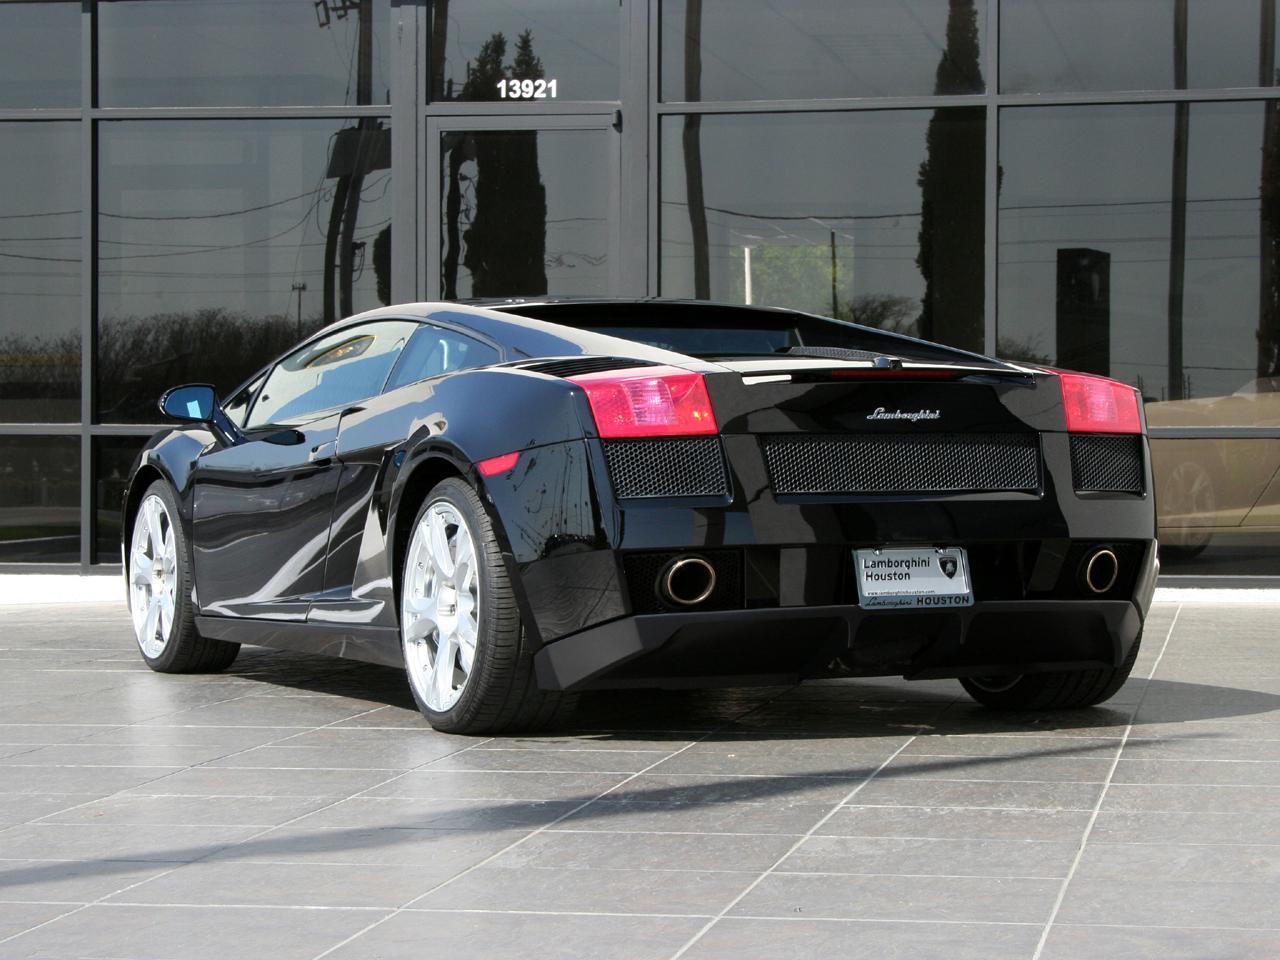 2007 Lamborghini Gallardo E Gear Coupe